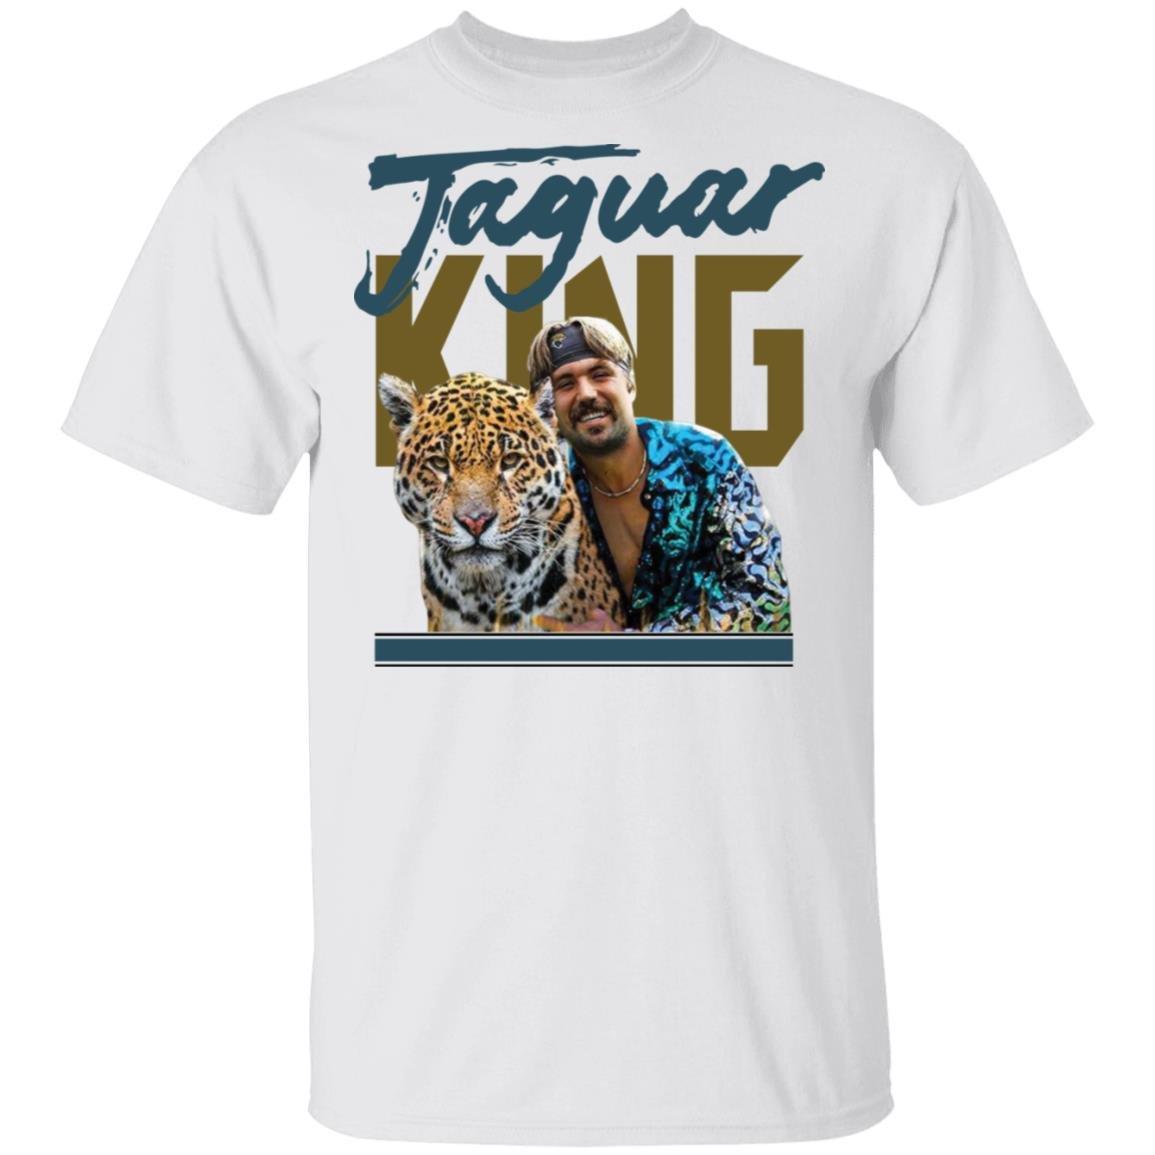 Gardner Minshew Jaguar King shirt, sweatshirt, hoodie